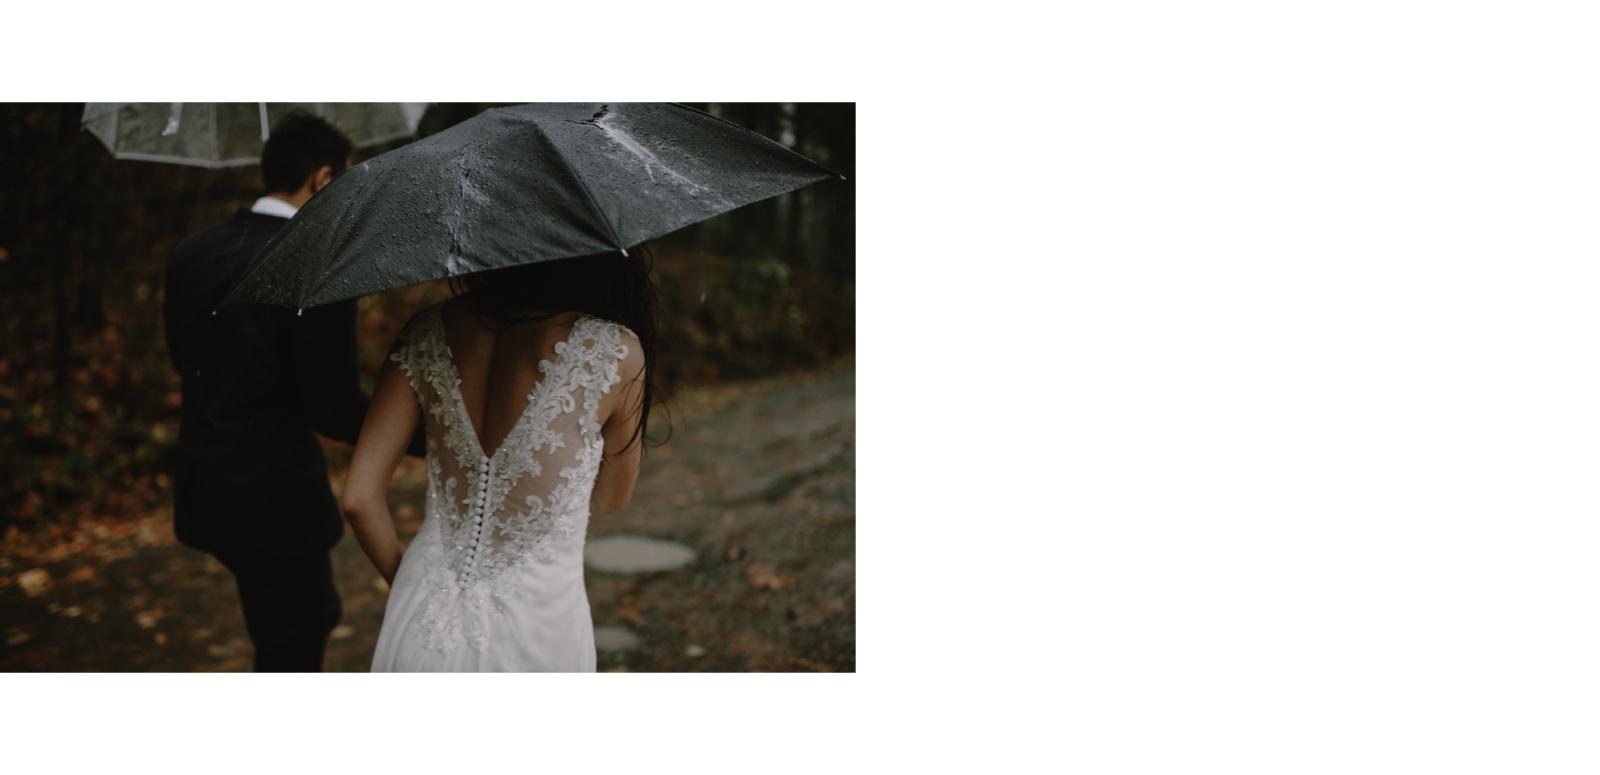 Rainy_Lake_Engagement_Session_Kristen_Marie_Parker006.JPG